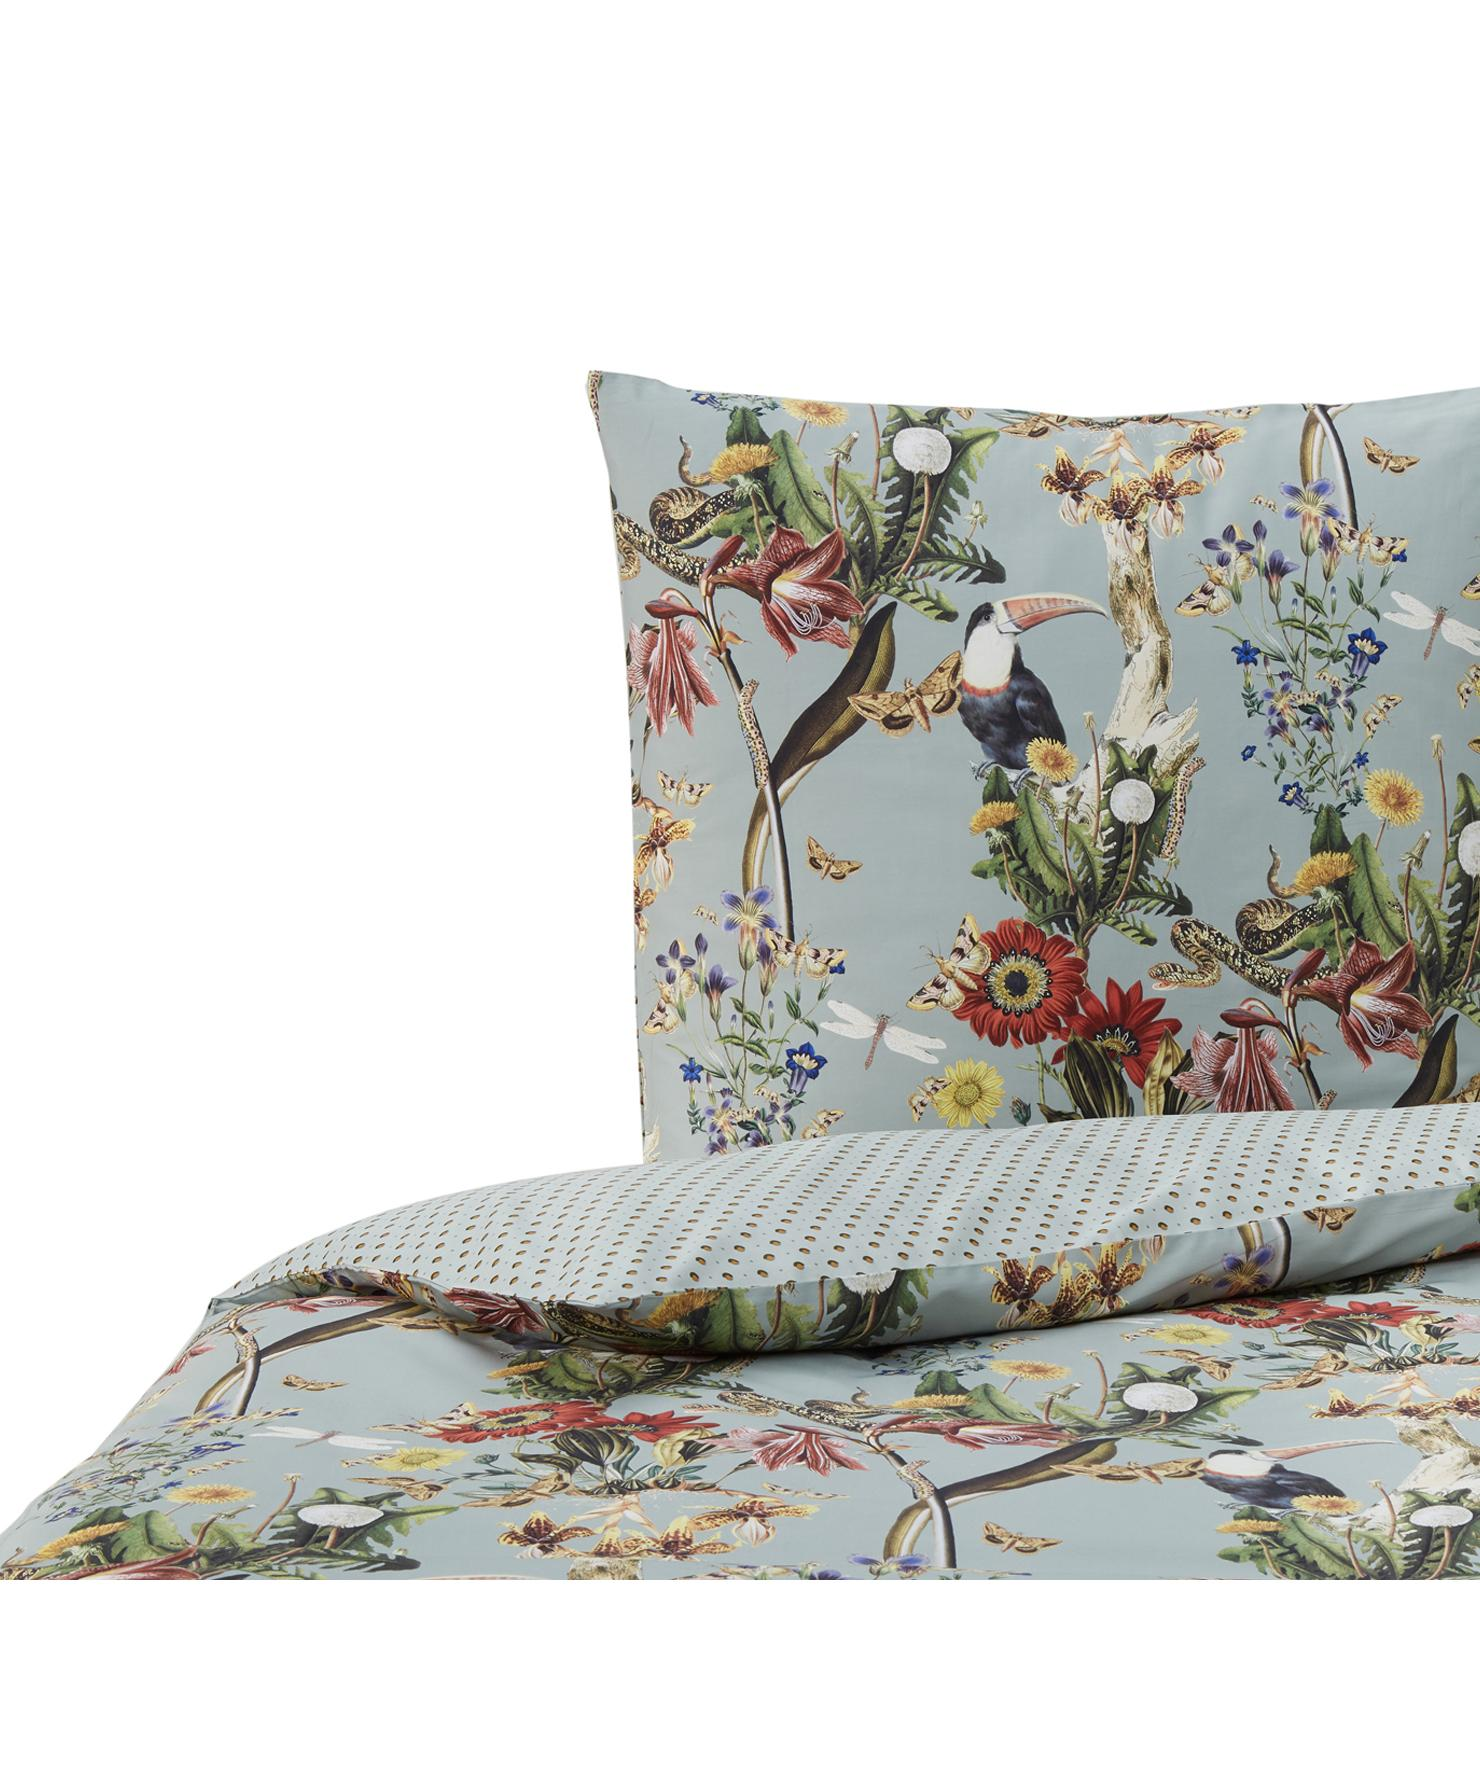 Dubbelzijdig katoensatijnen dekbedovertrek Airen, Weeftechniek: satijn, Grijsgroen, multicolour, 140 x 220 cm